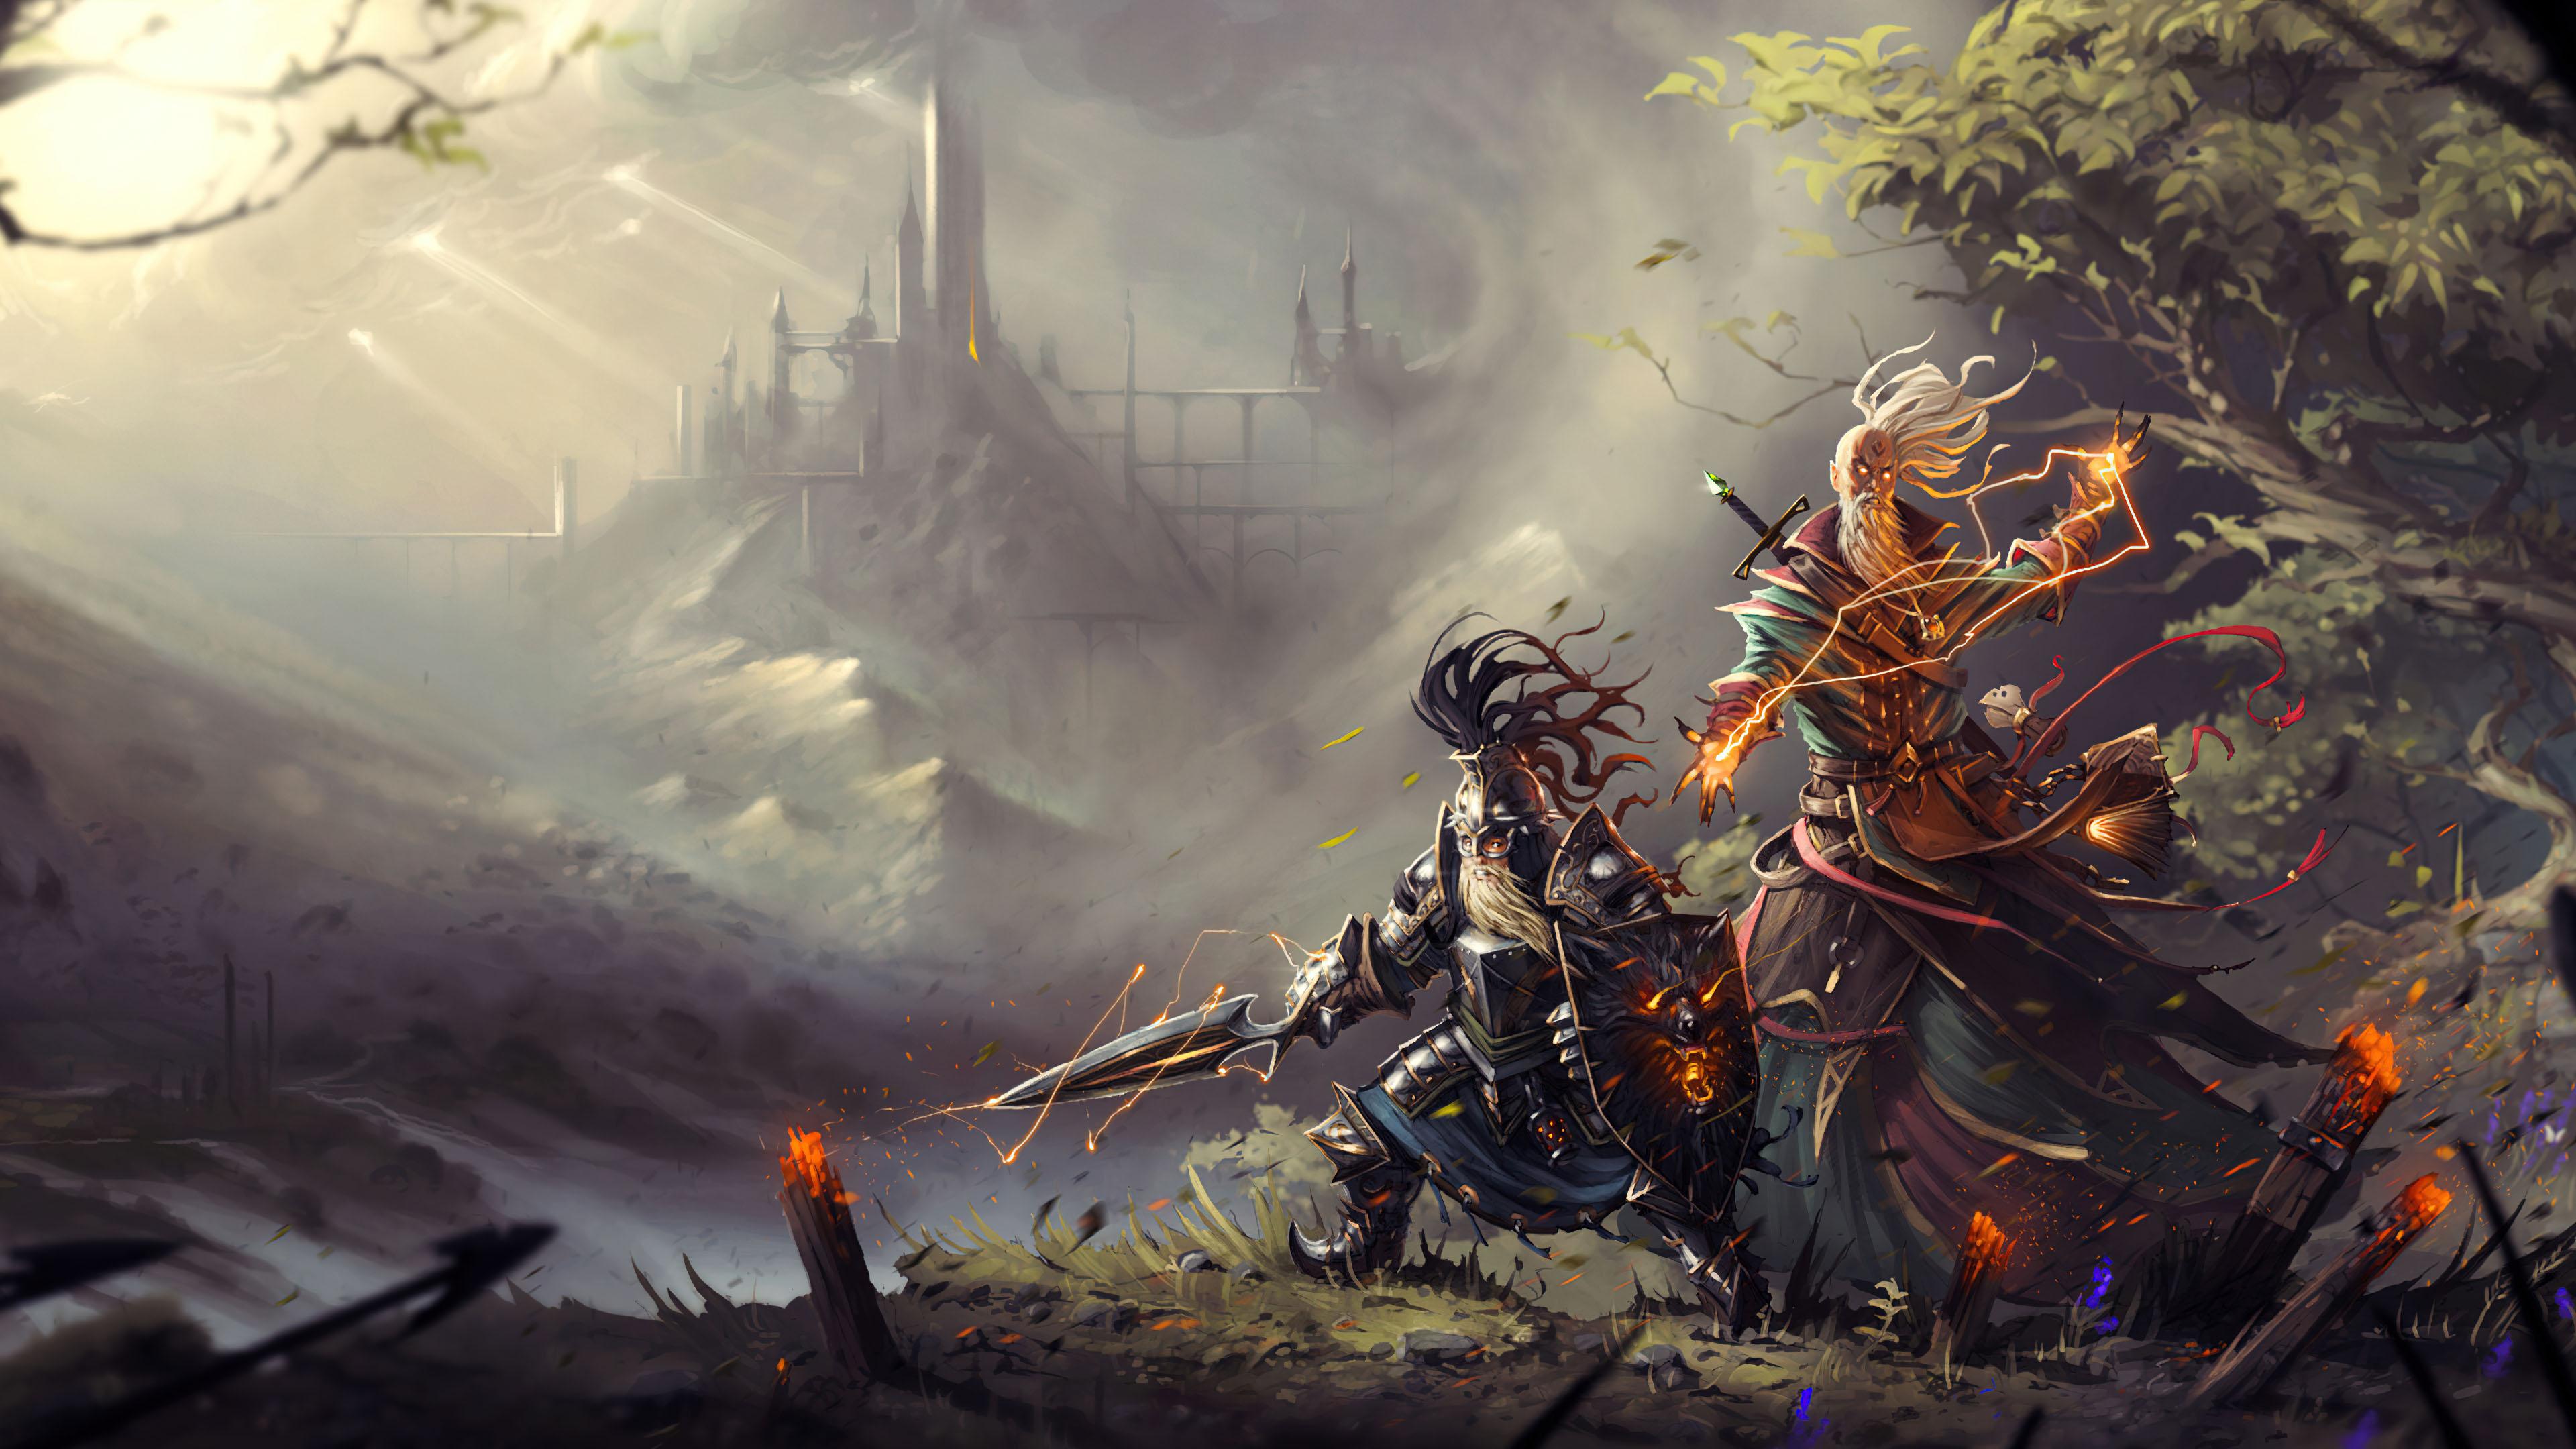 游戏壁纸,主机游戏,战士,武士,魔法师